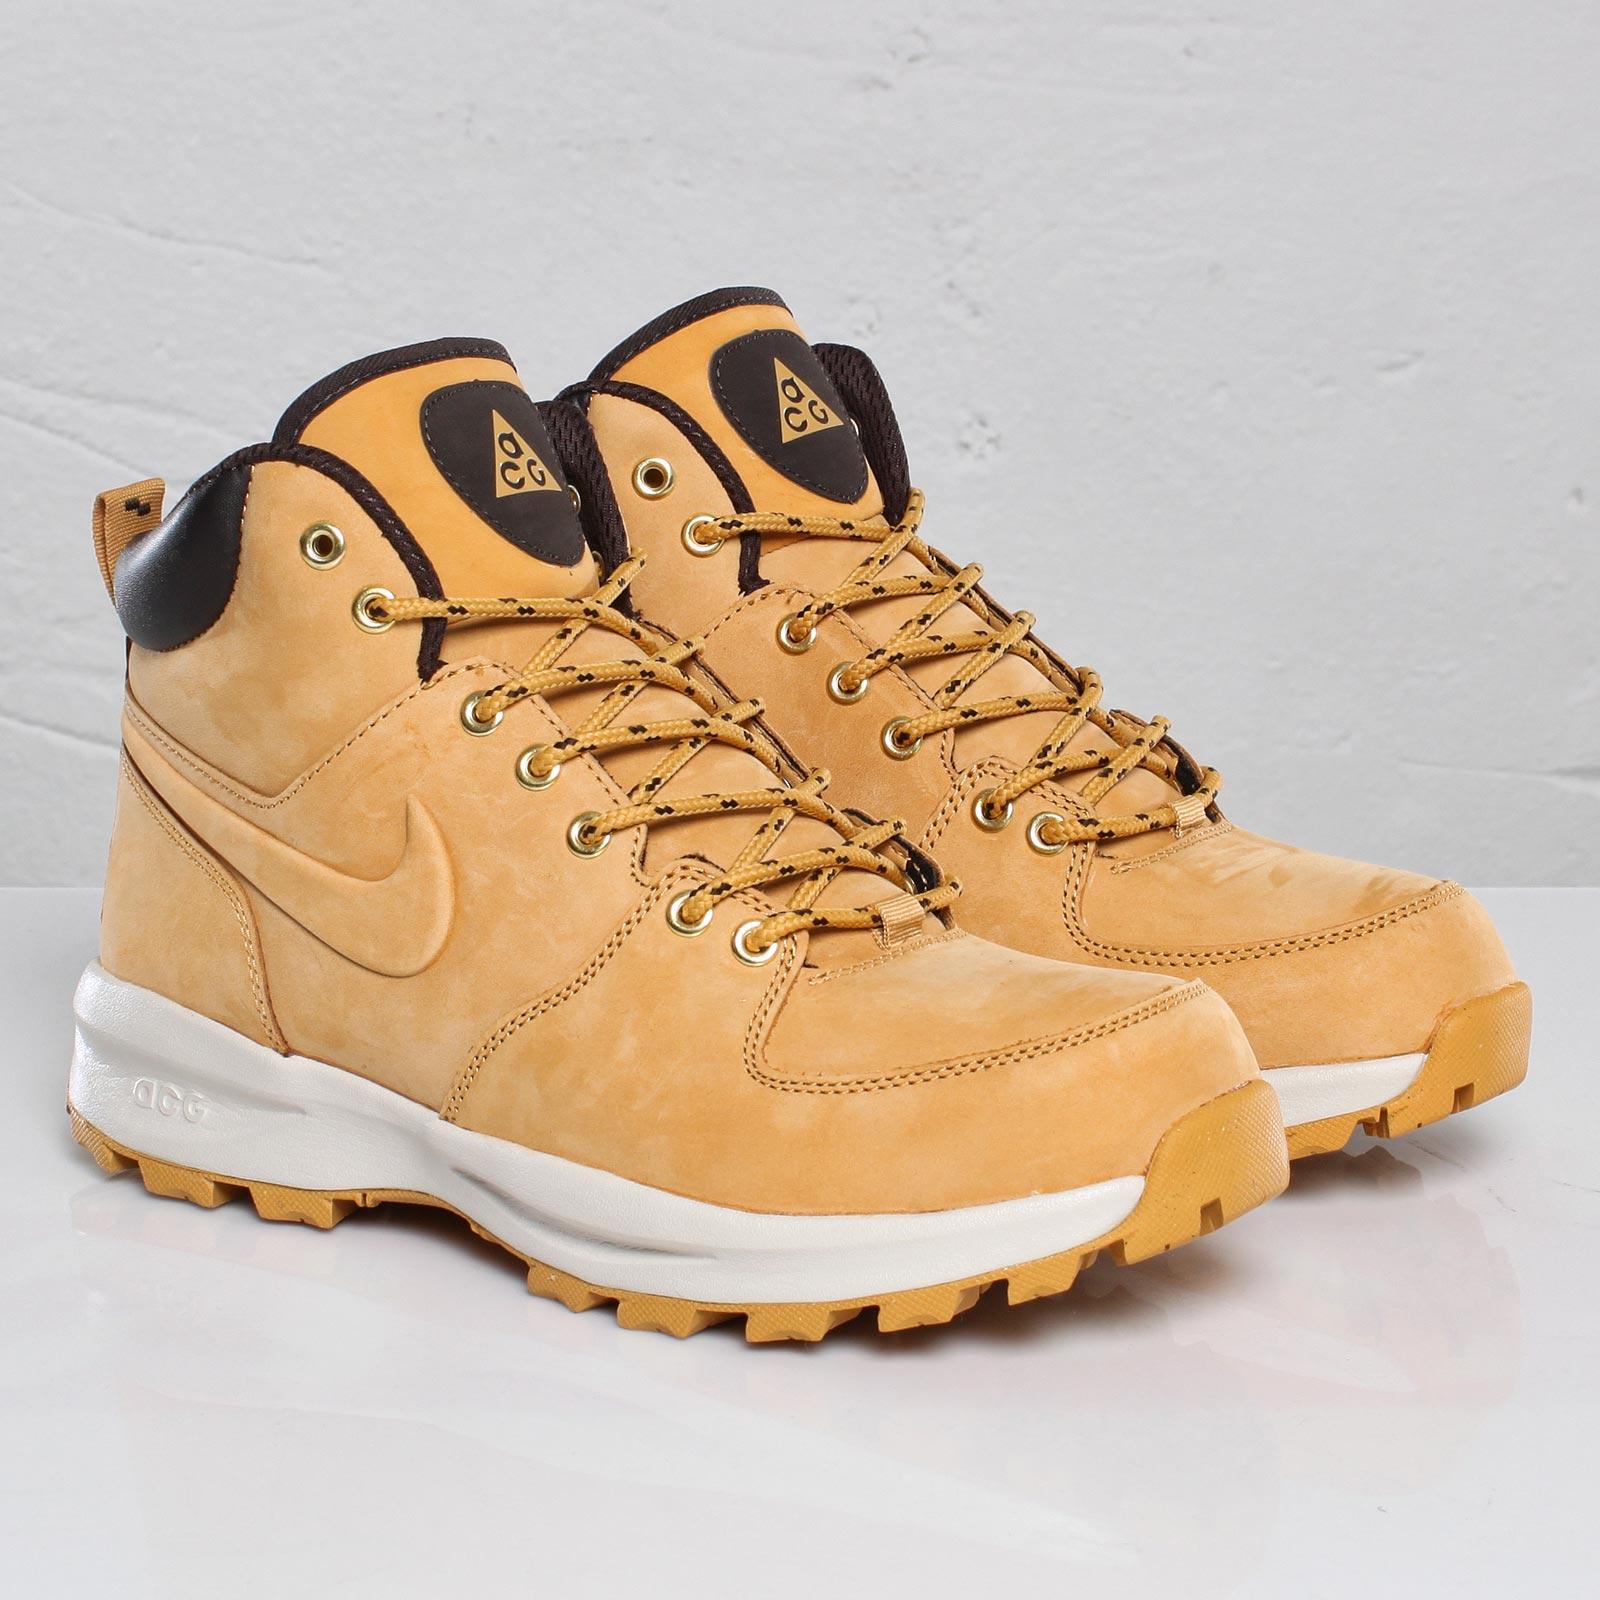 Nike Manoa Leather - 102044